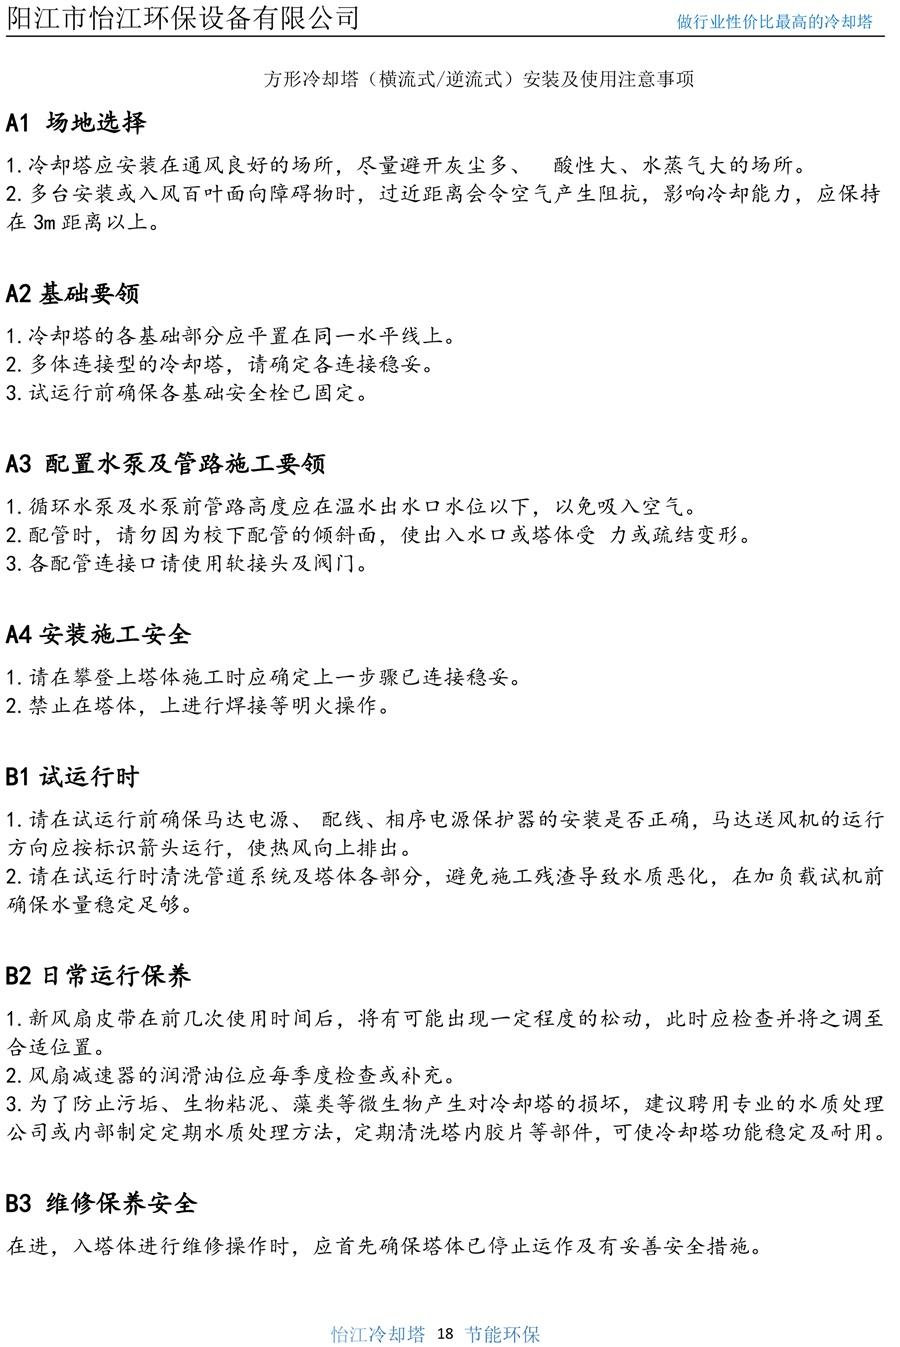 產品手冊(彩頁)3-18.jpg